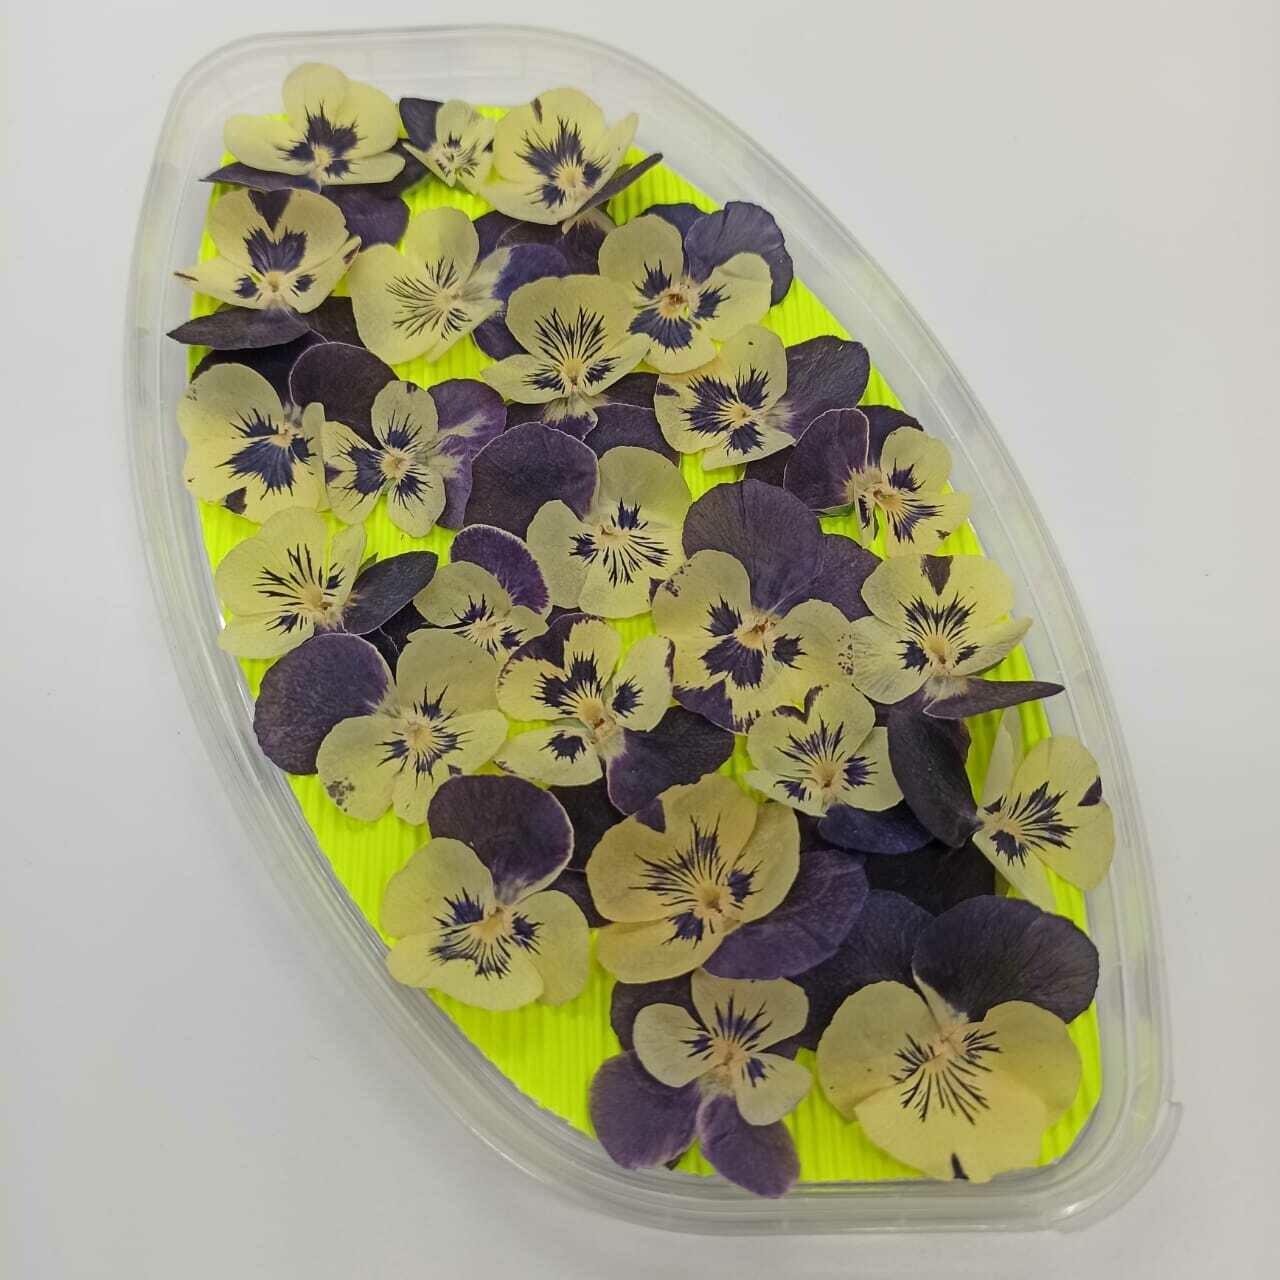 Обезвоженные съедобные цветы. Виола Дикий ангел. 20 шт.